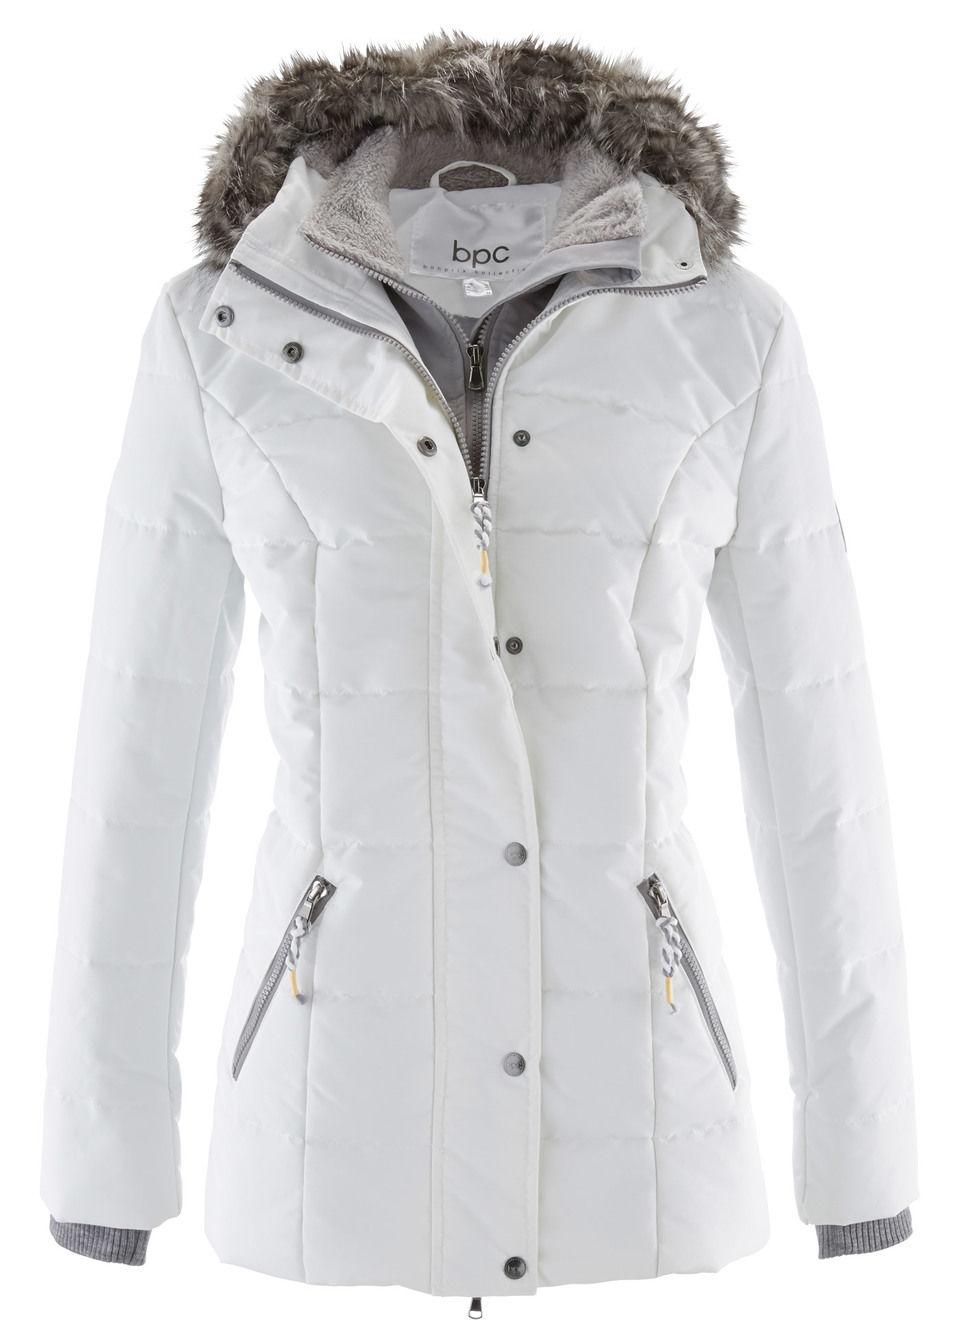 Купить Куртки и плащи, Куртка 2 в 1, bonprix, цвет белой шерсти